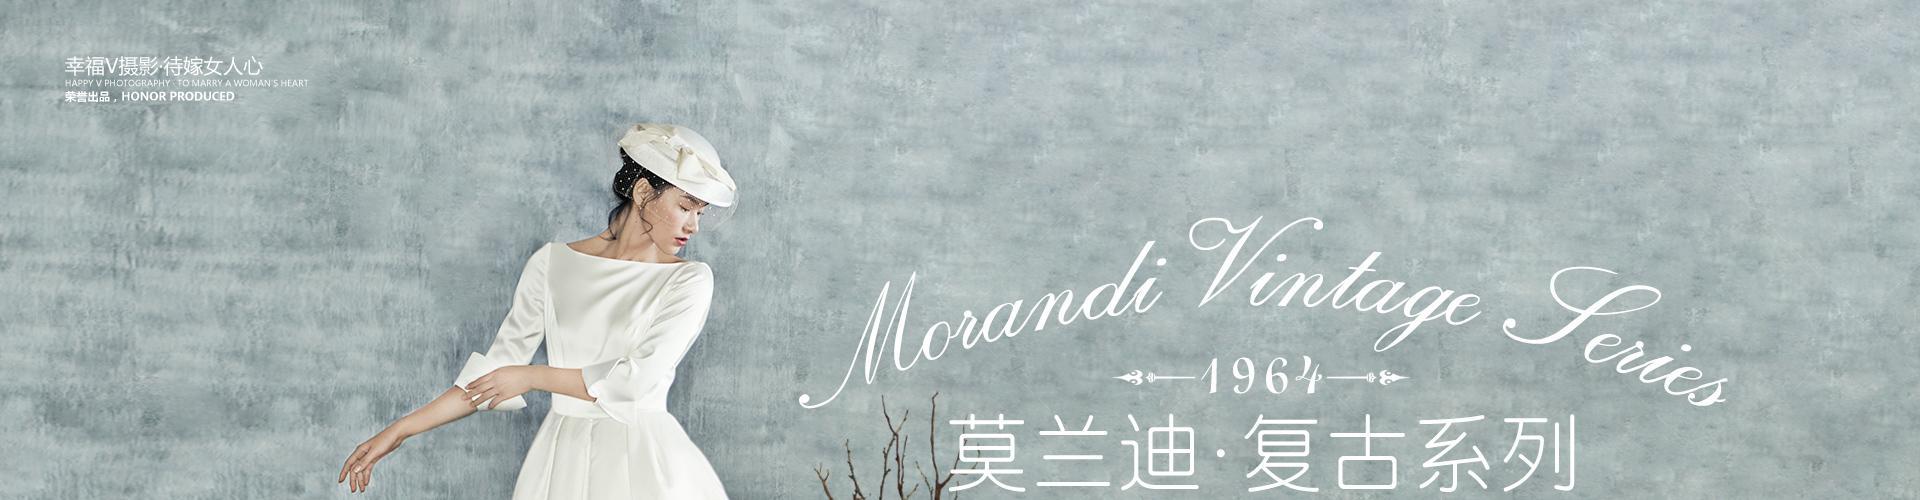 《莫兰迪》